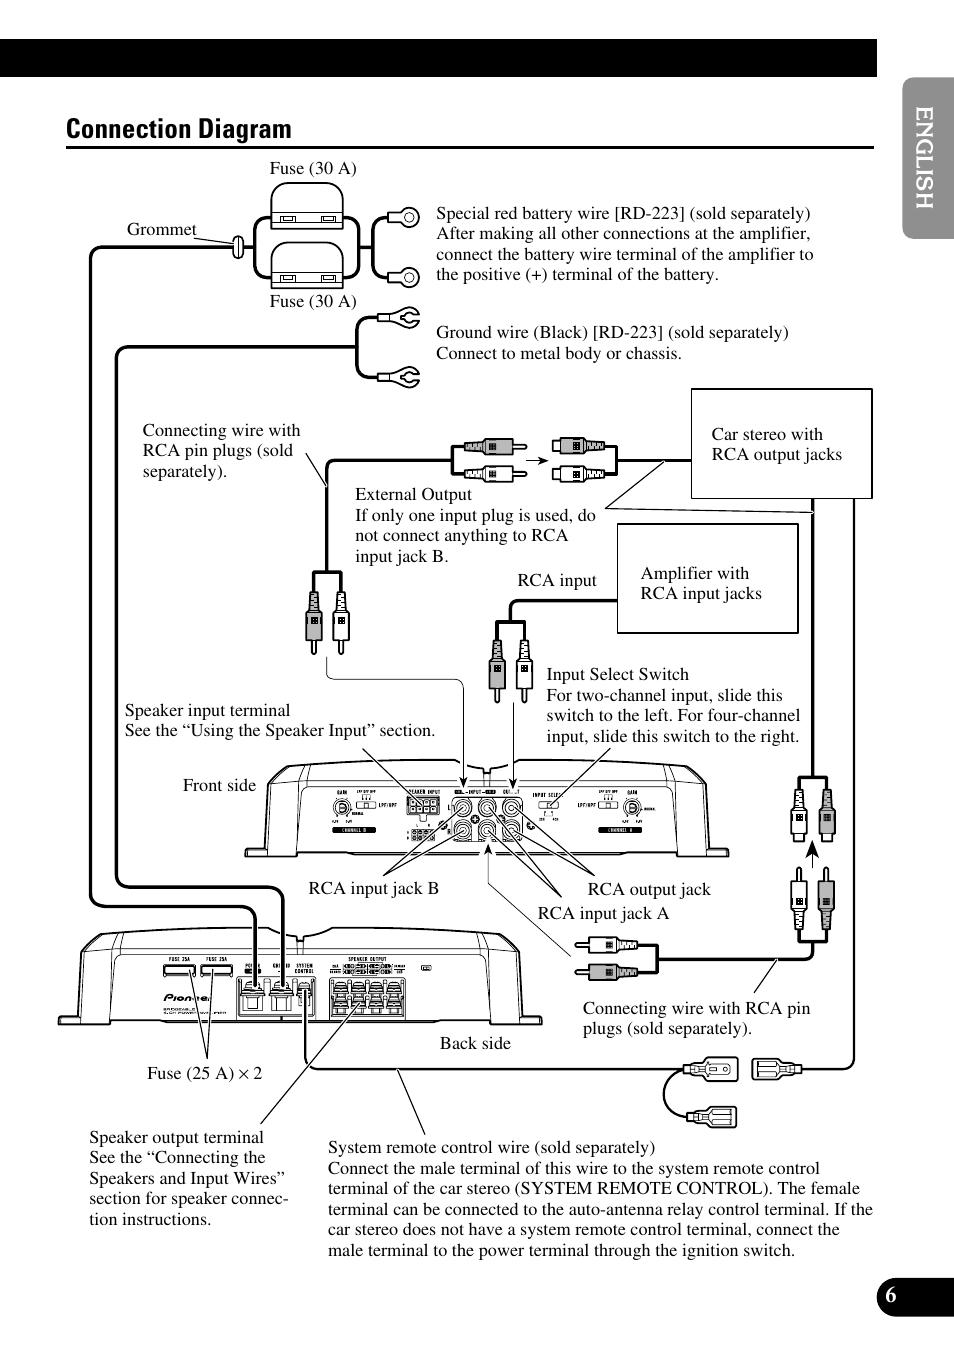 medium resolution of pioneer stereo ground wire schematic